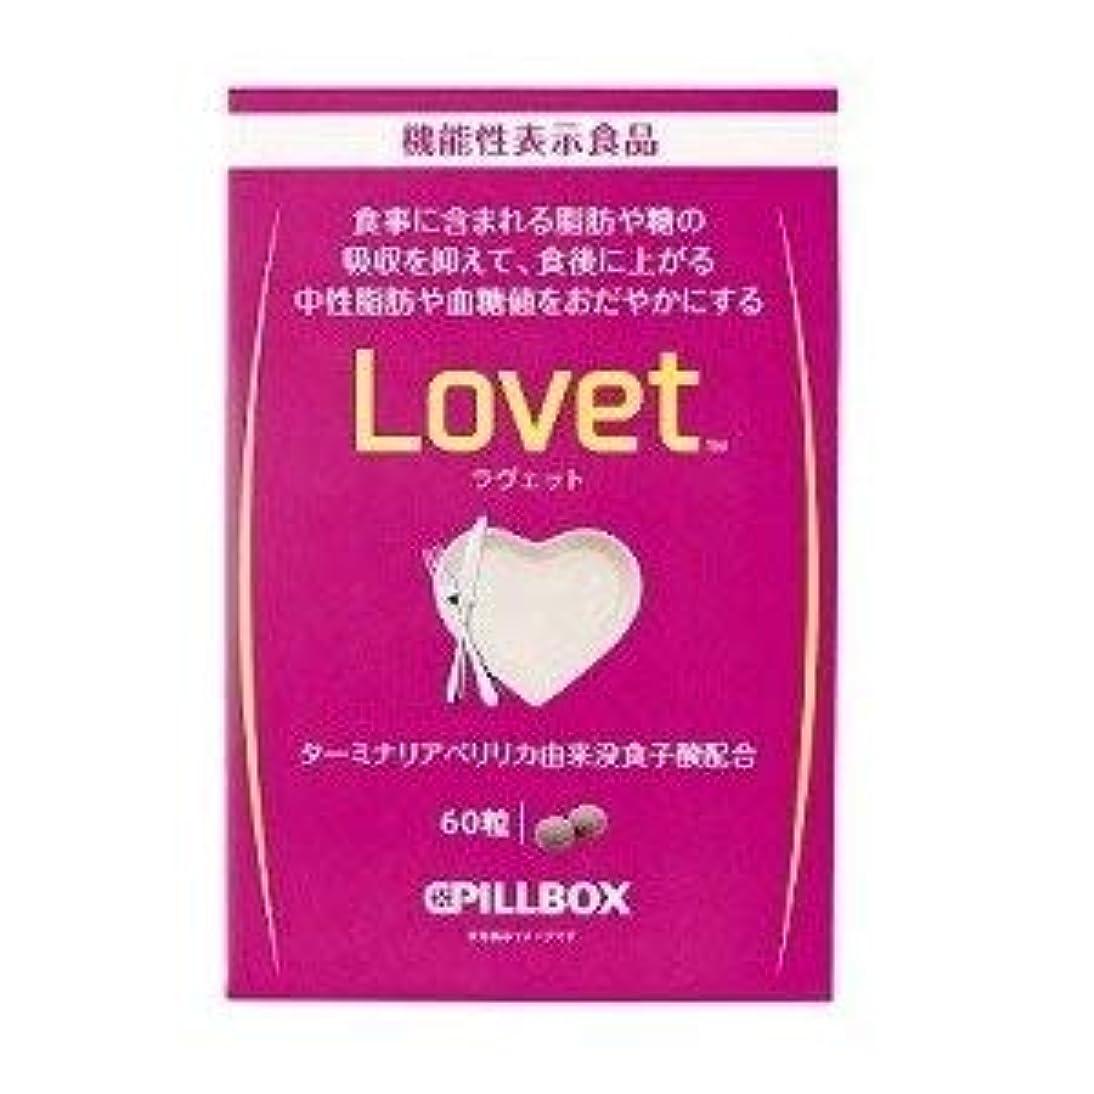 優れた特許デコードするピルボックス Lovet(ラヴェット)60粒 10個セット